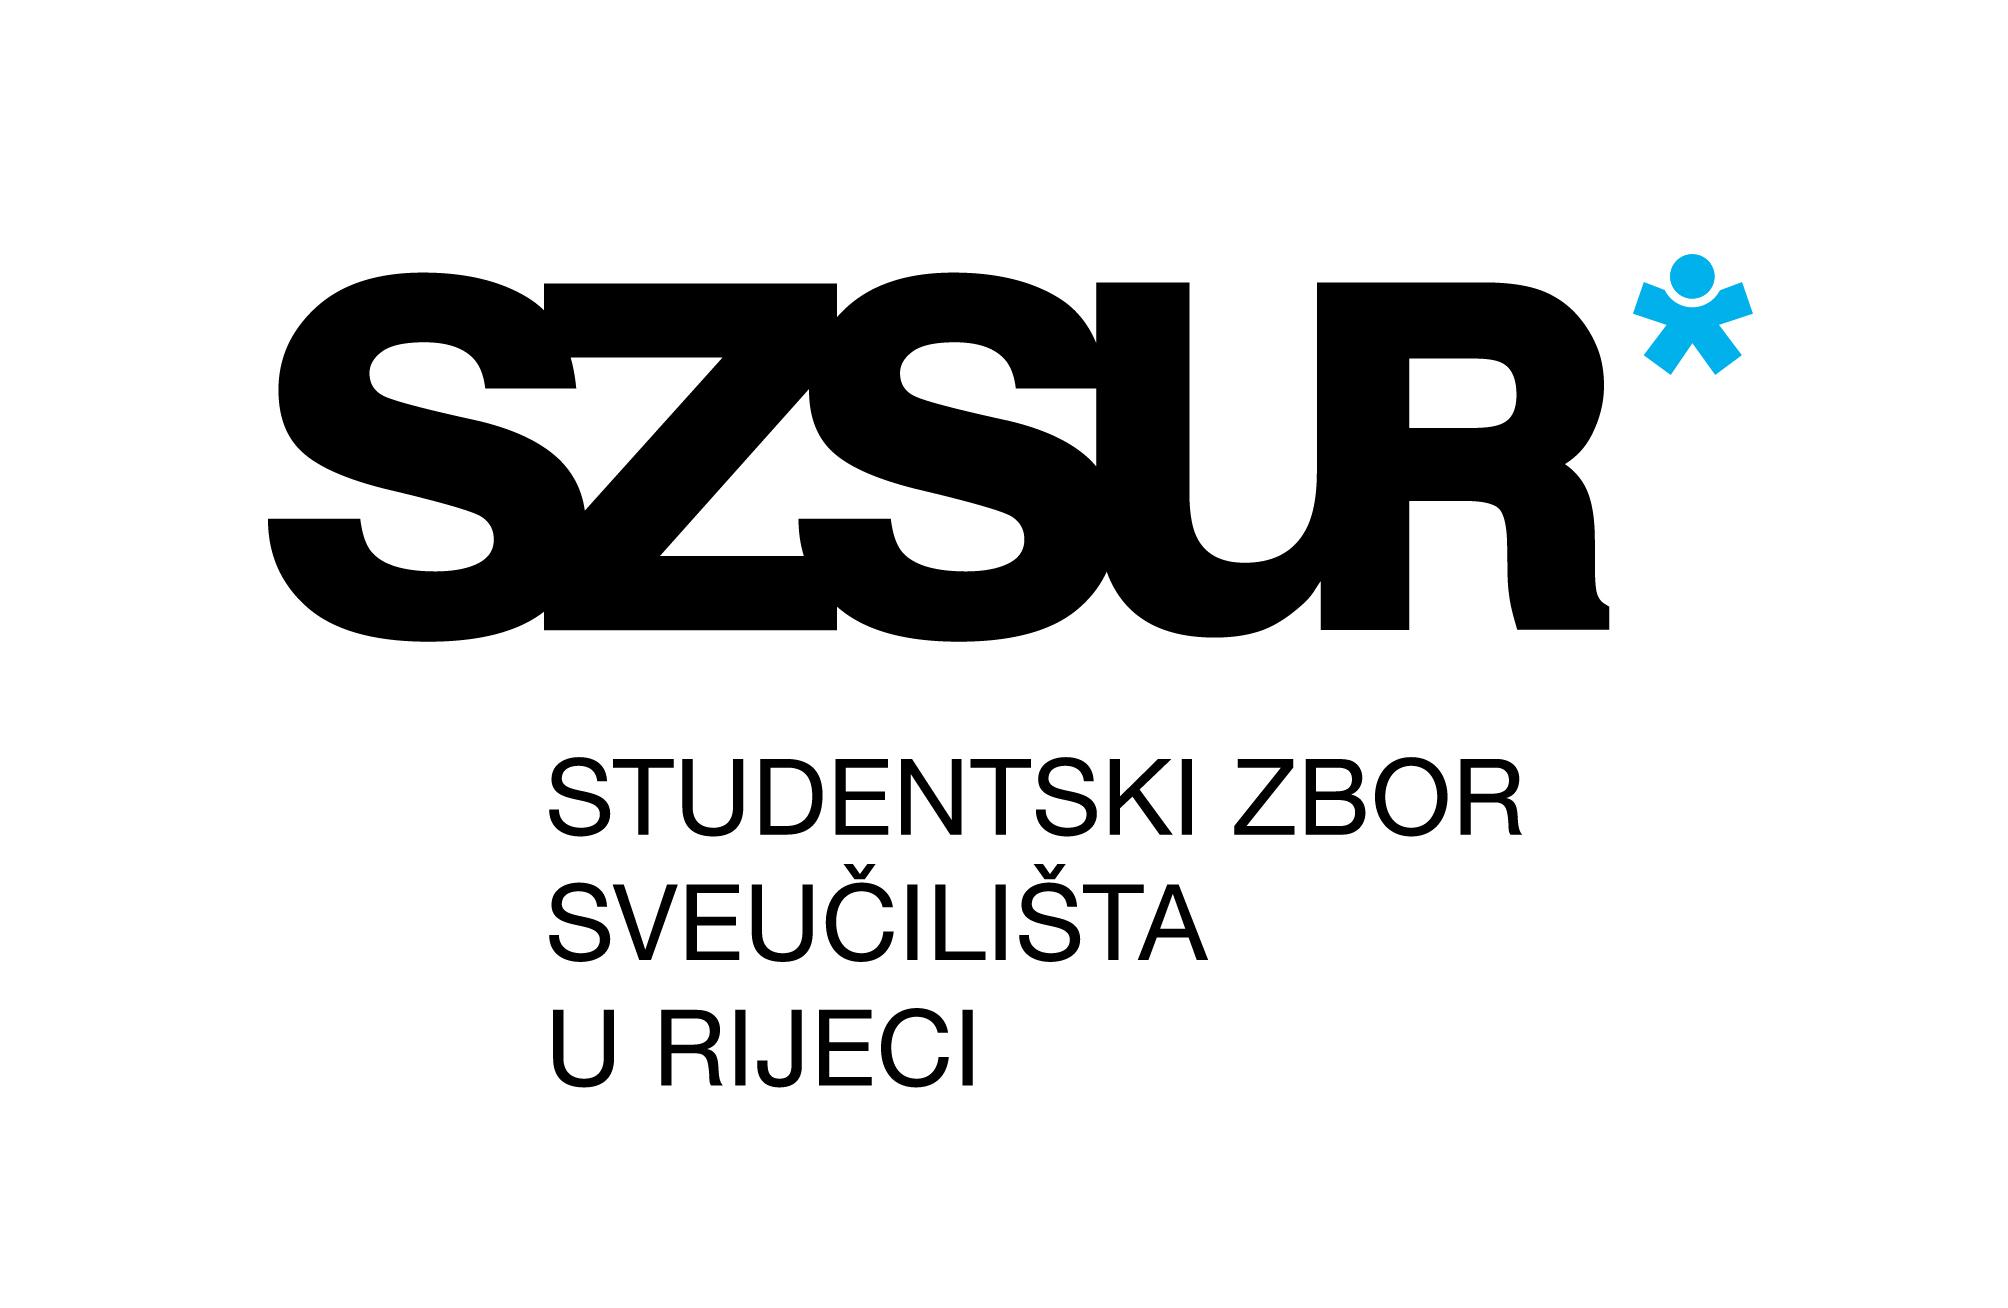 SZSUR_fin_primarni-01